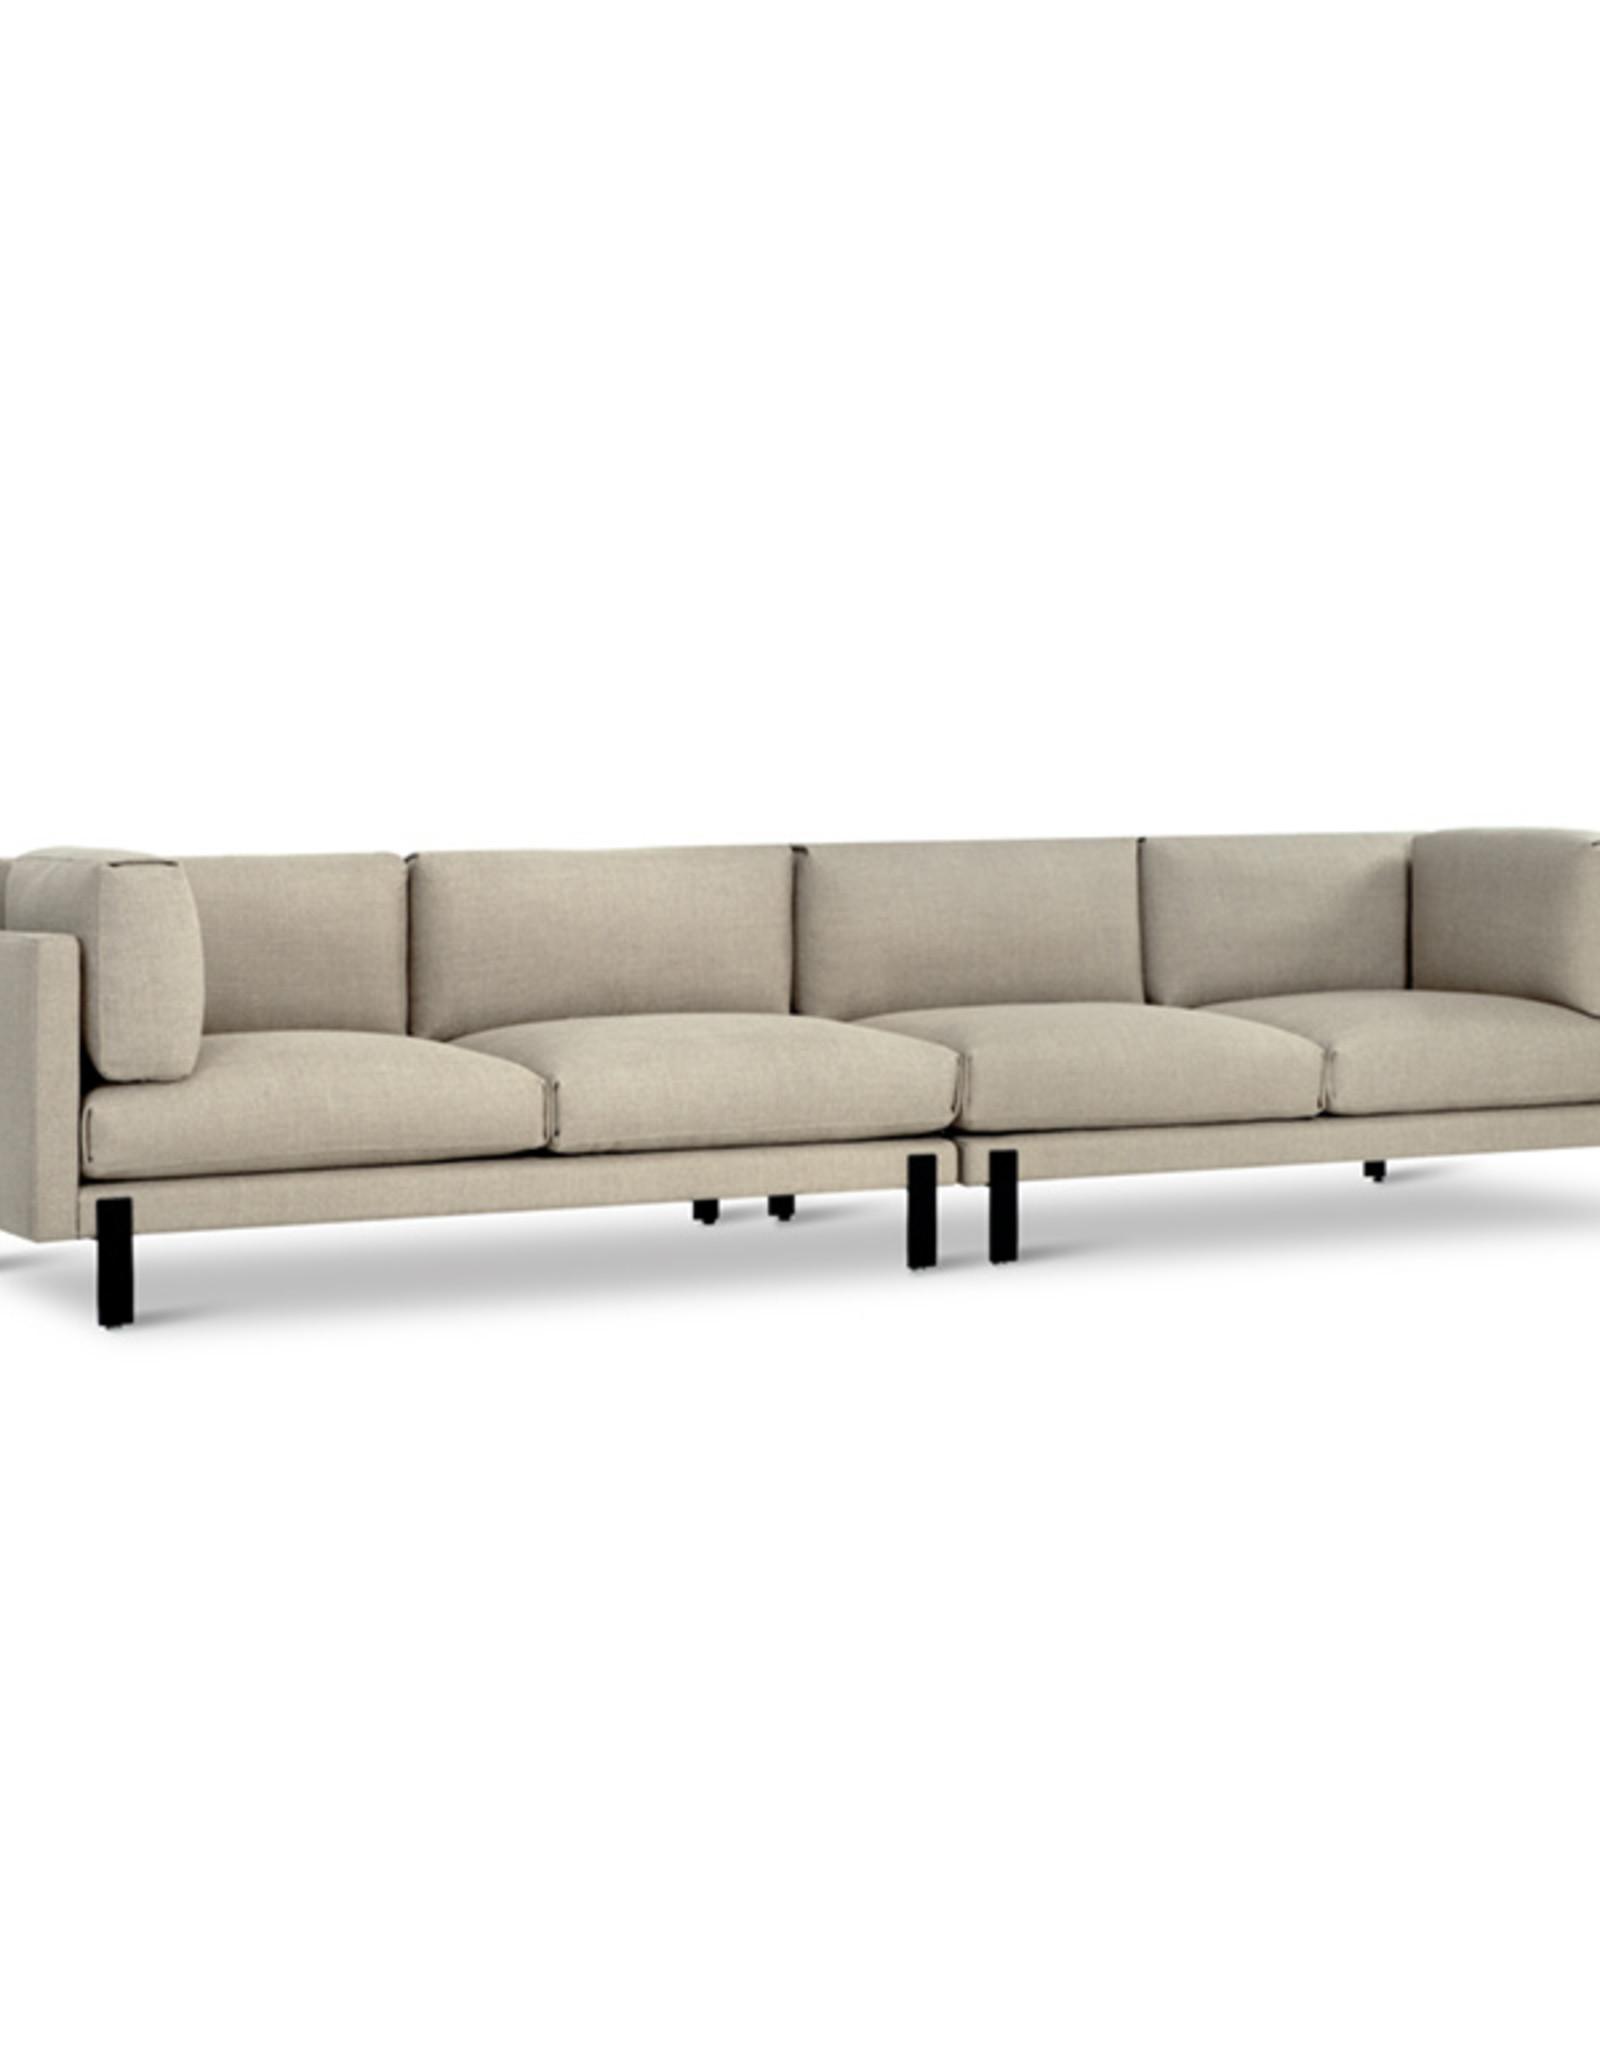 Gus* Modern Silverlake XL Sofa